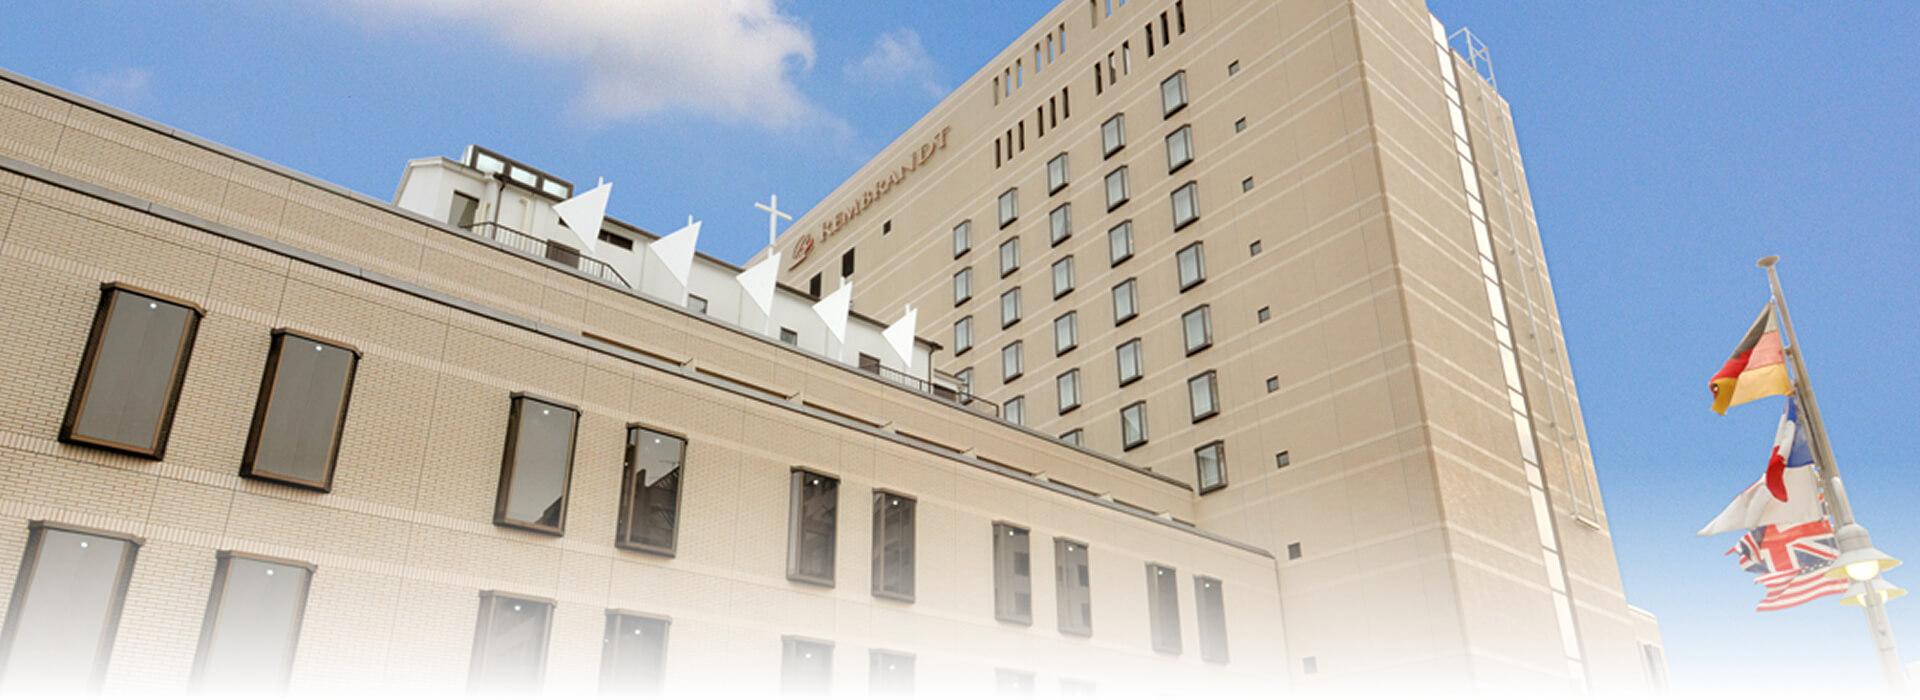 交通・アクセス|レンブラントホテル厚木【公式】レンブラントグループホテル